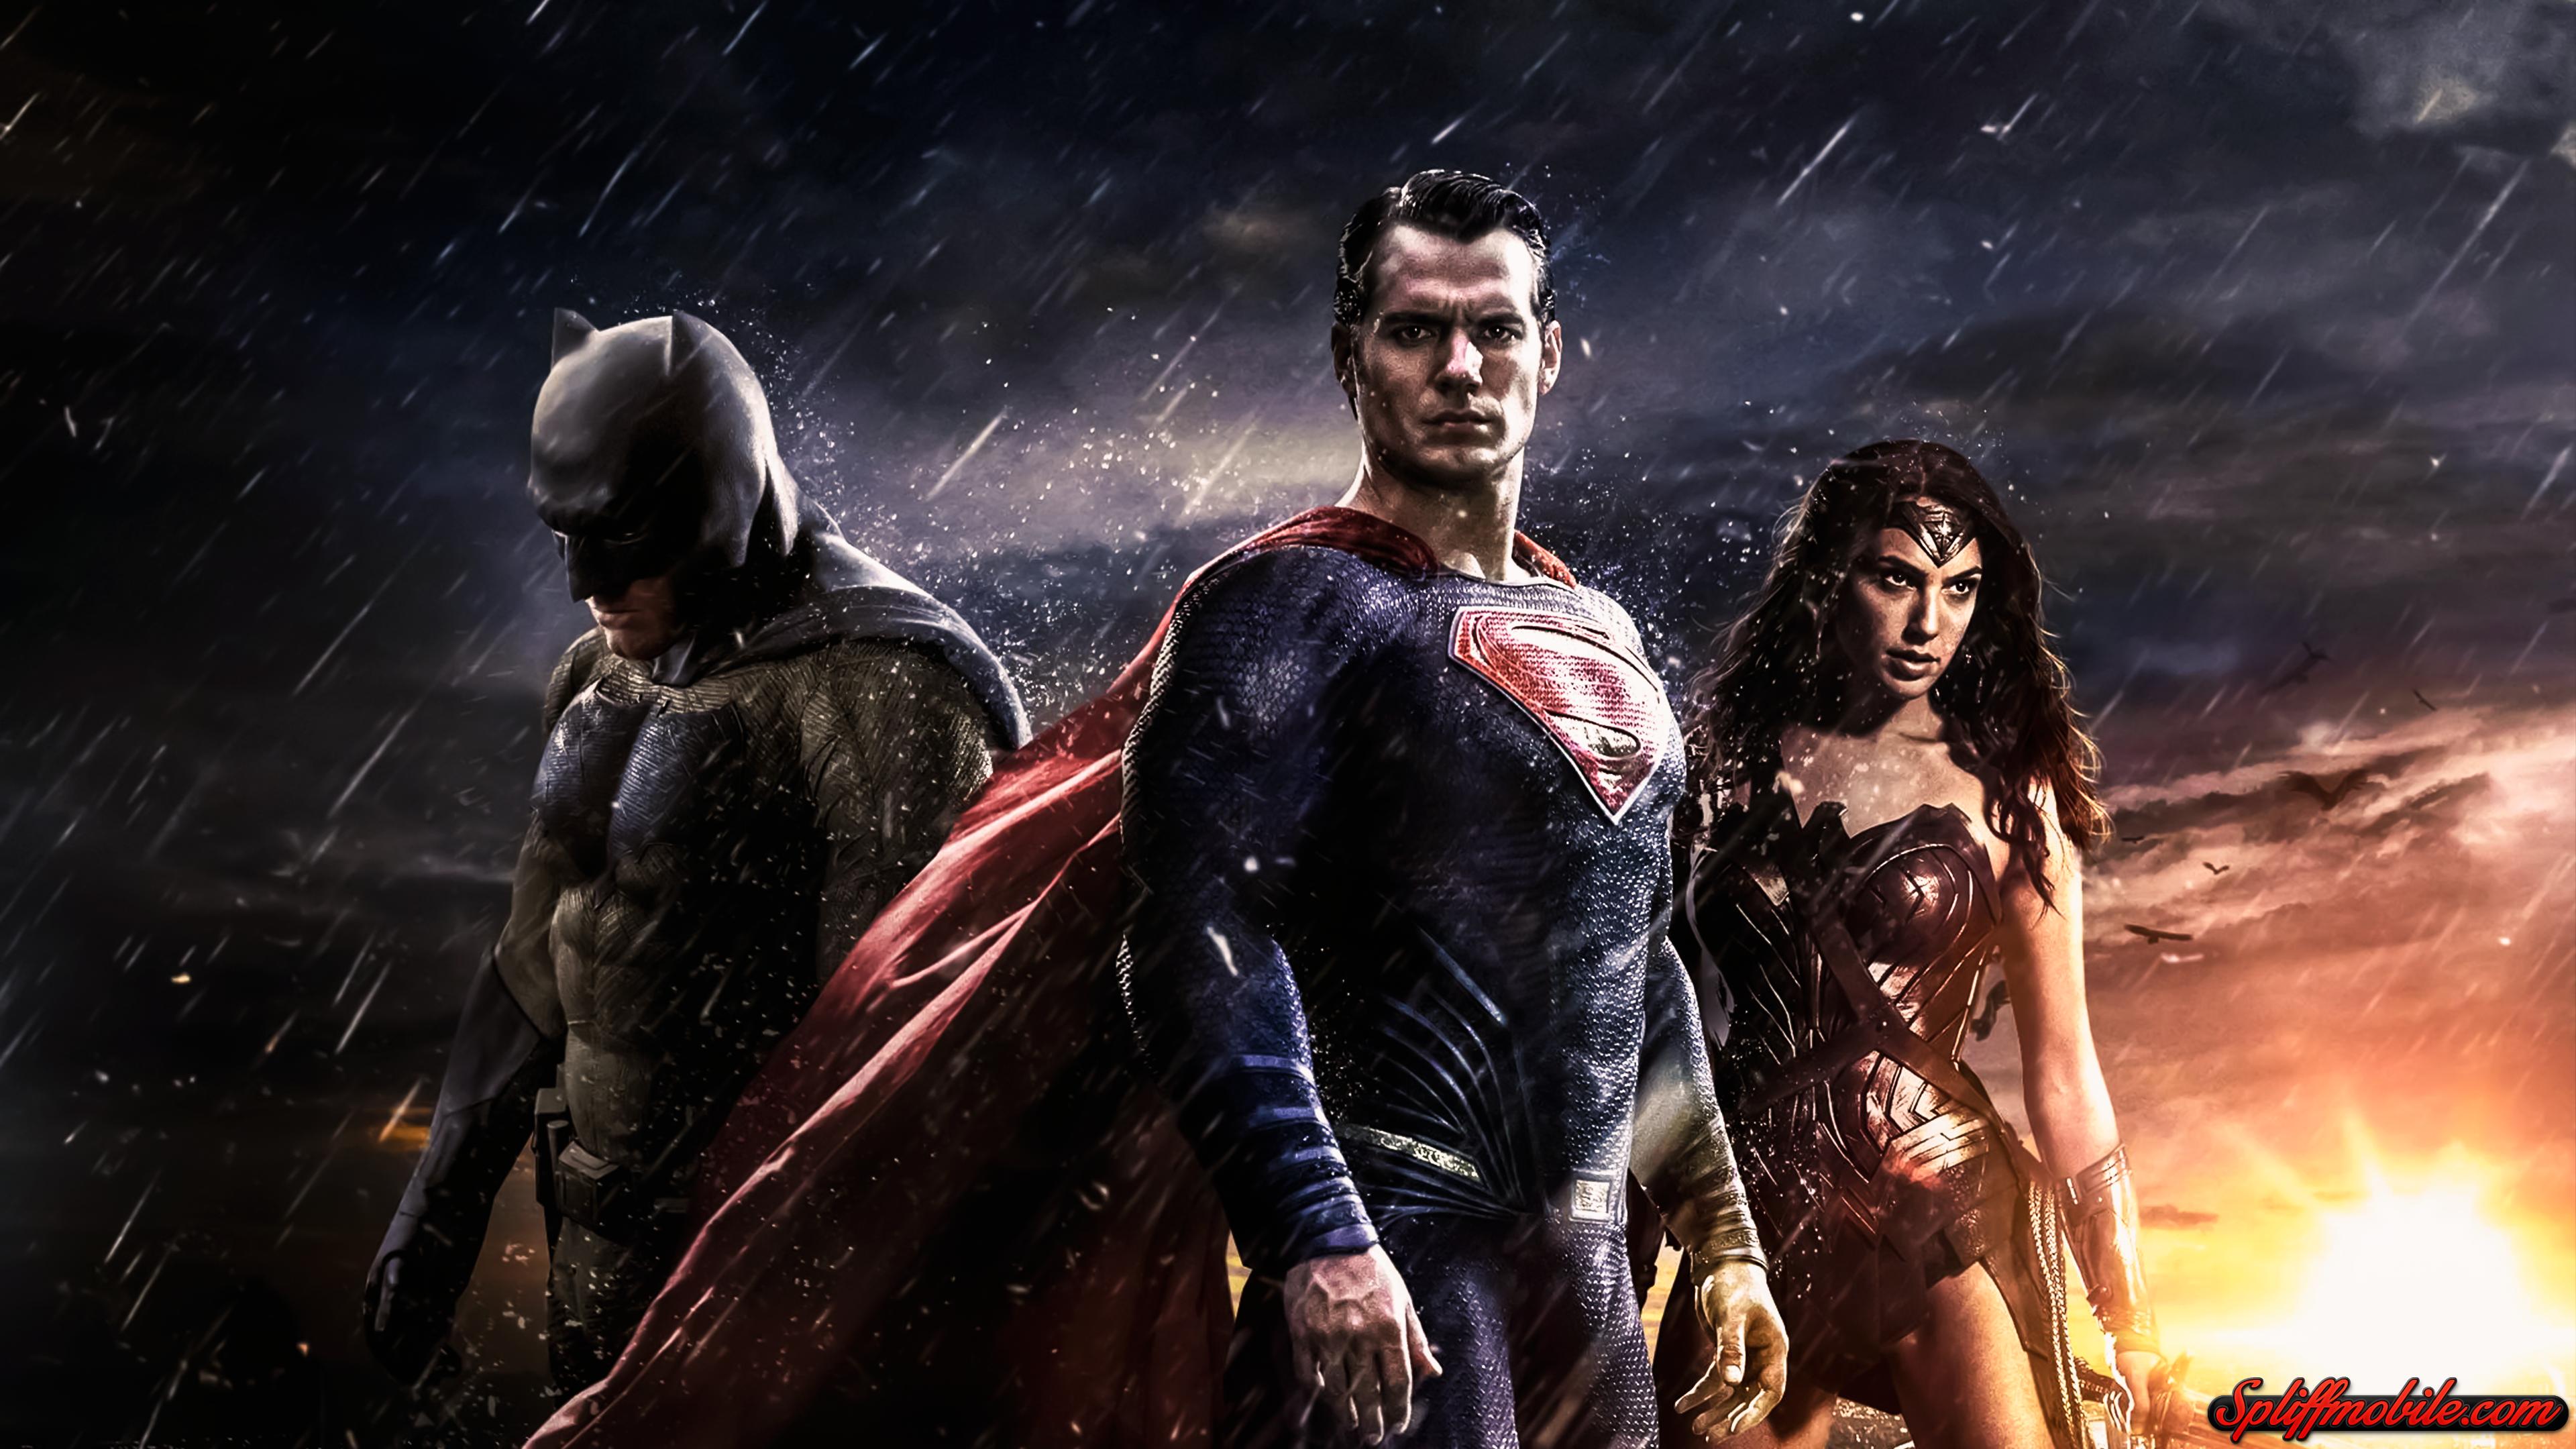 HD Batman vs Superman Wallpaper 3840x2160